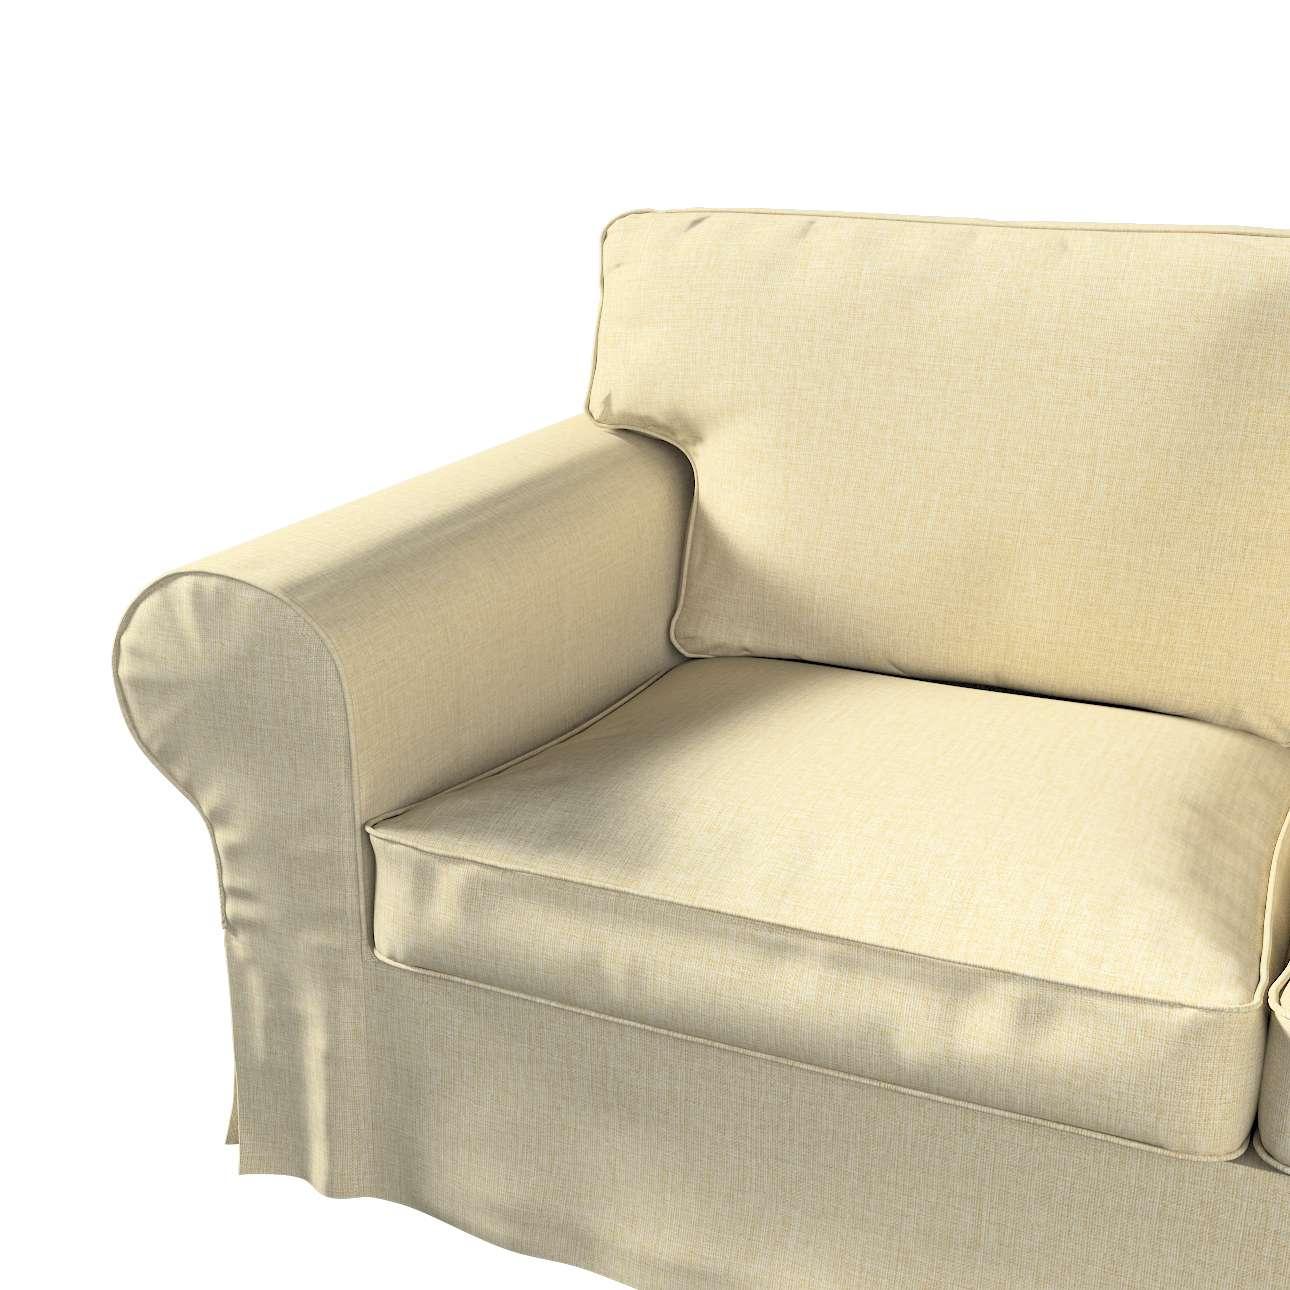 Bezug für Ektorp 2-Sitzer Sofa mit Recamiere von der Kollektion Living, Stoff: 161-45